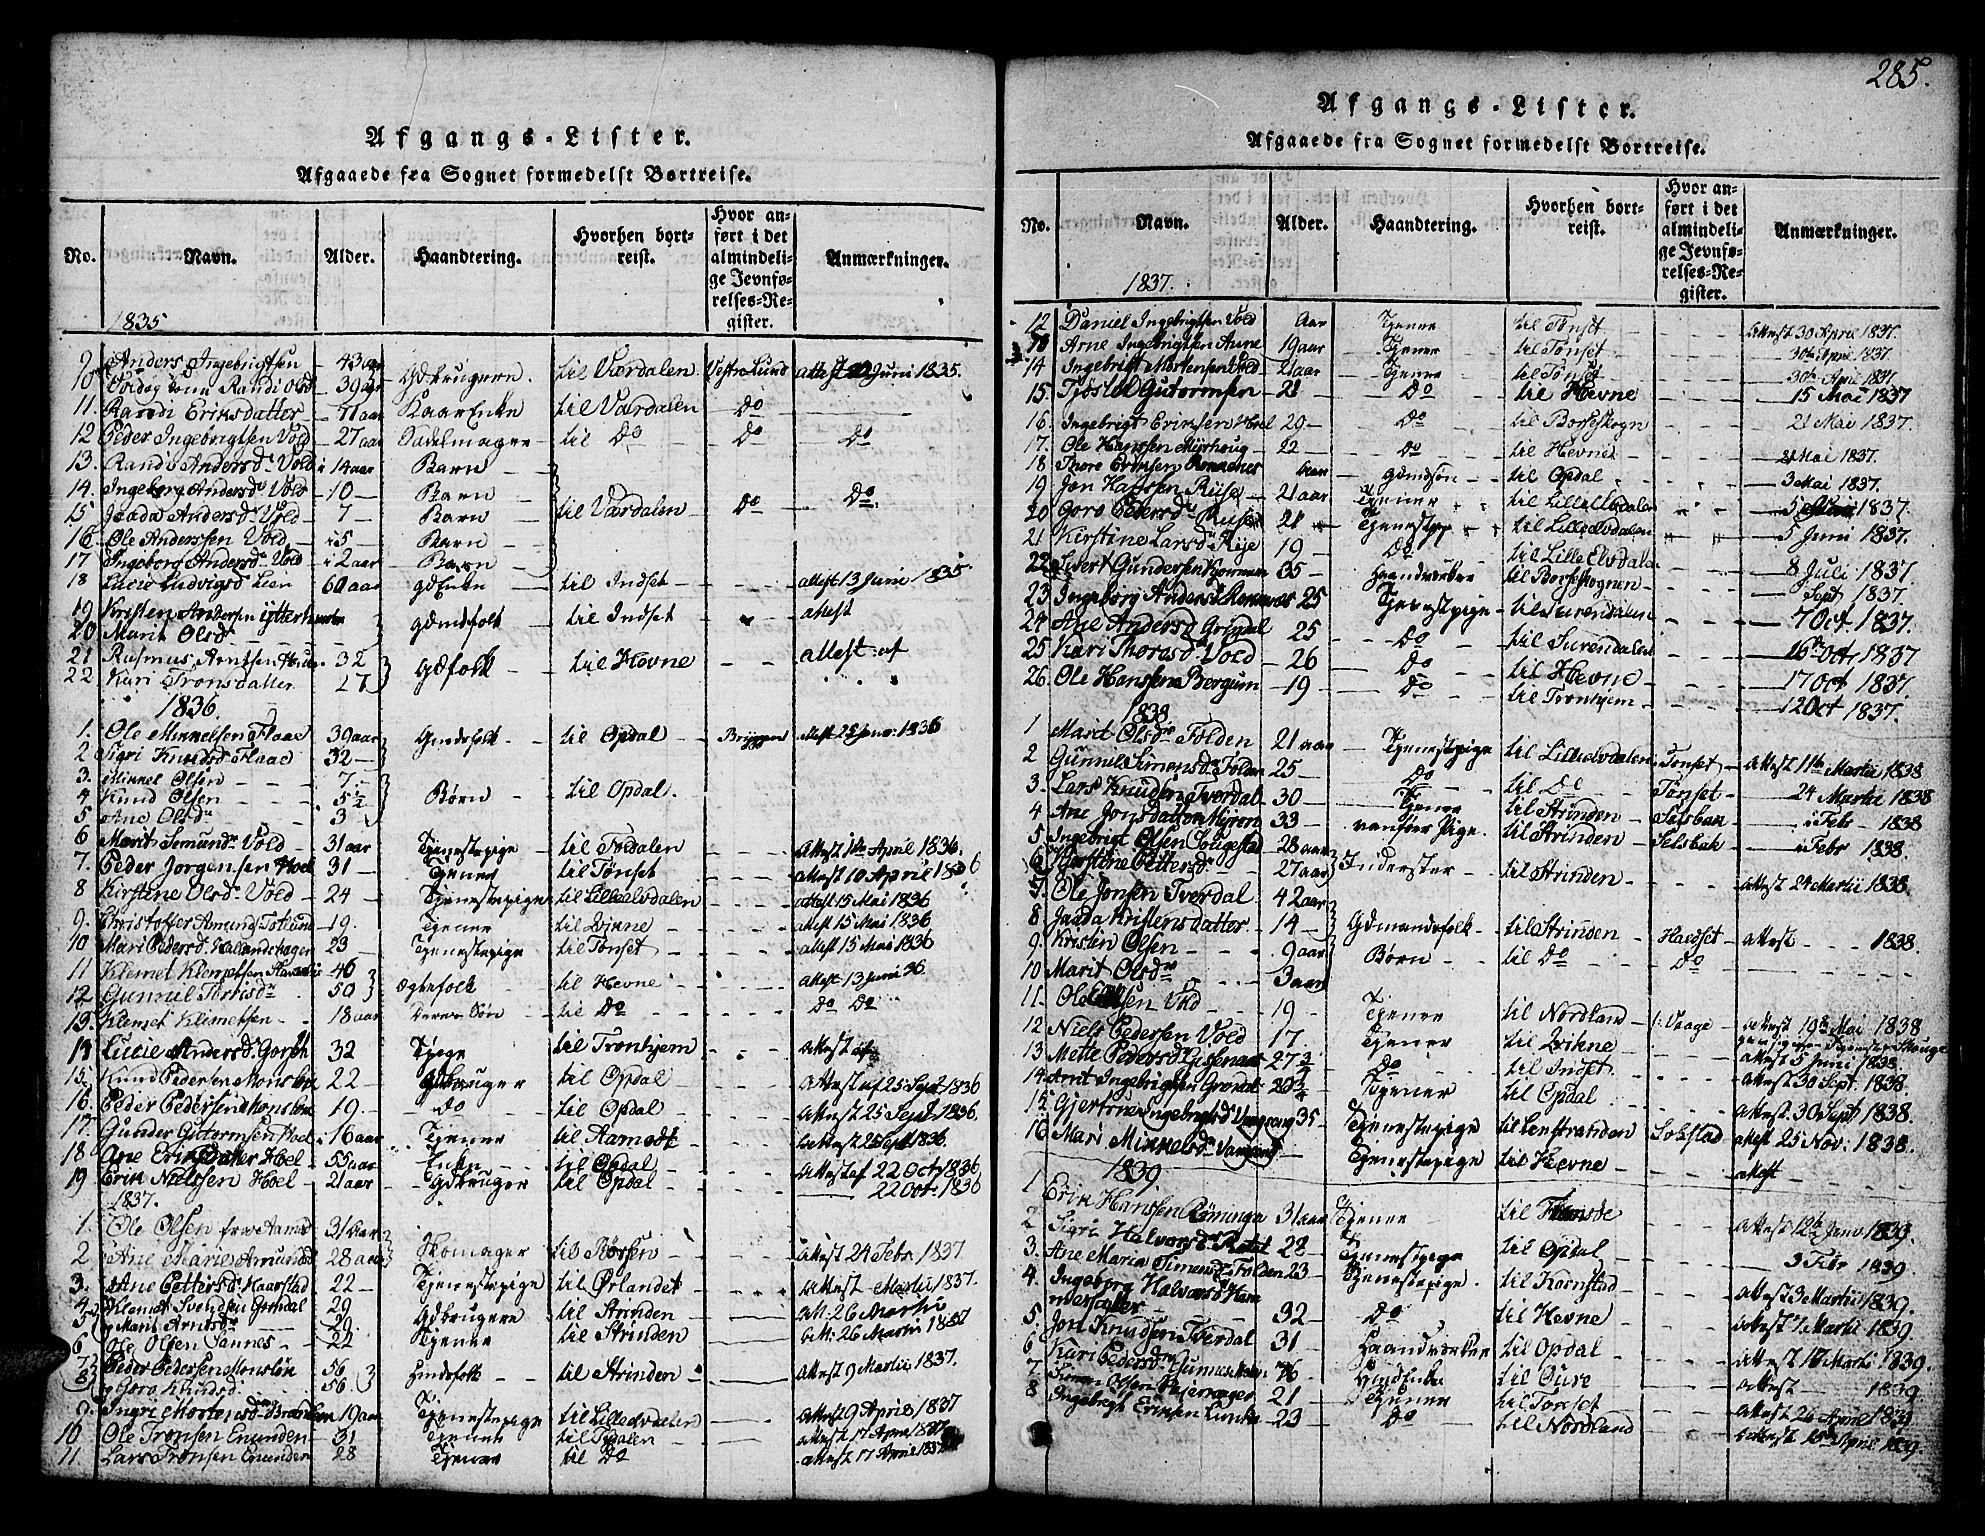 SAT, Ministerialprotokoller, klokkerbøker og fødselsregistre - Sør-Trøndelag, 674/L0874: Klokkerbok nr. 674C01, 1816-1860, s. 285